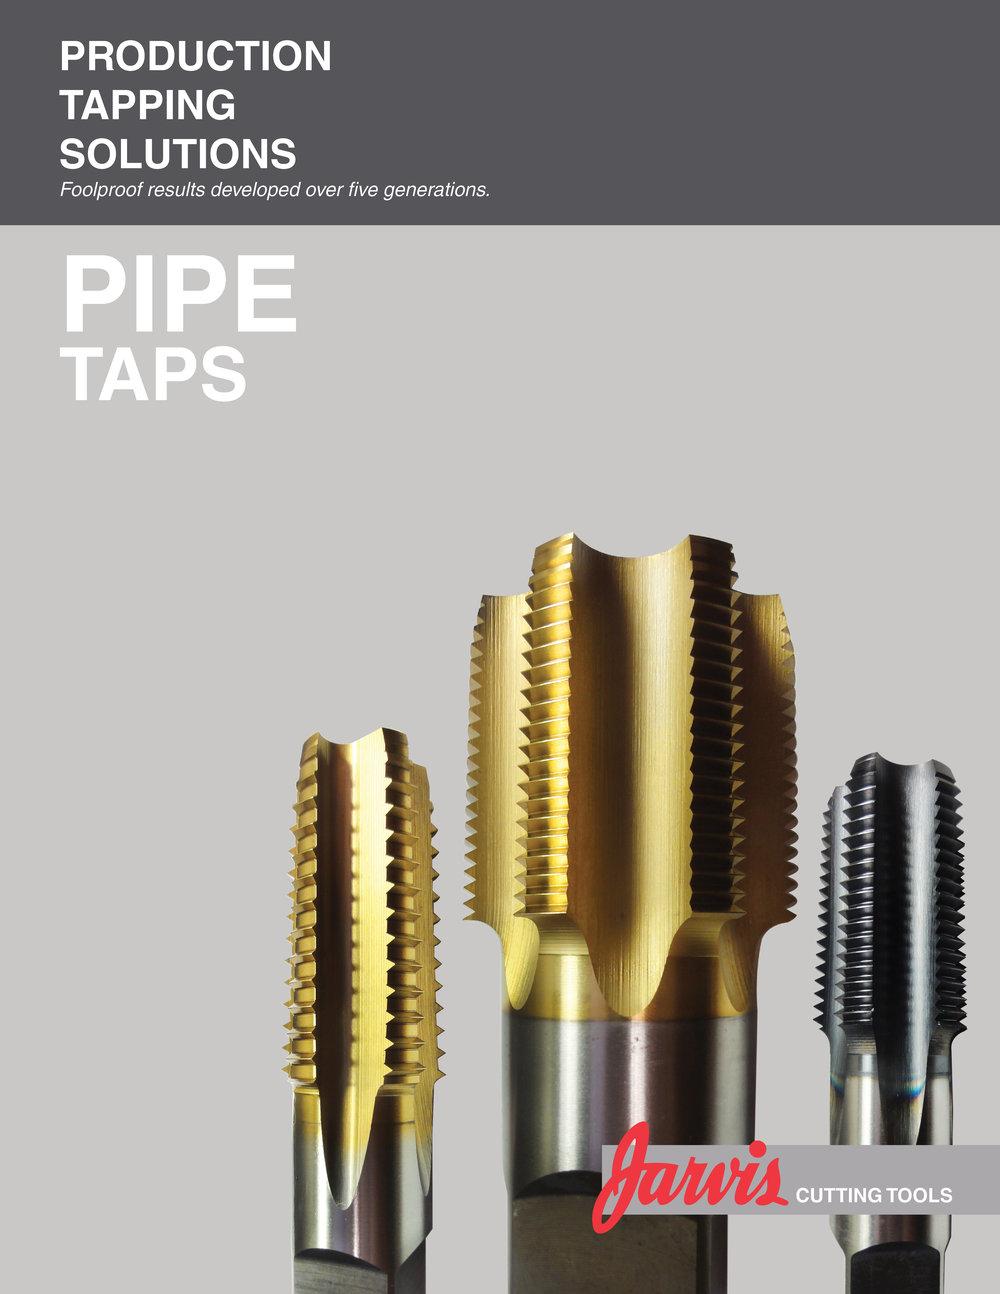 Pipe Tap Brochure 2017.jpg